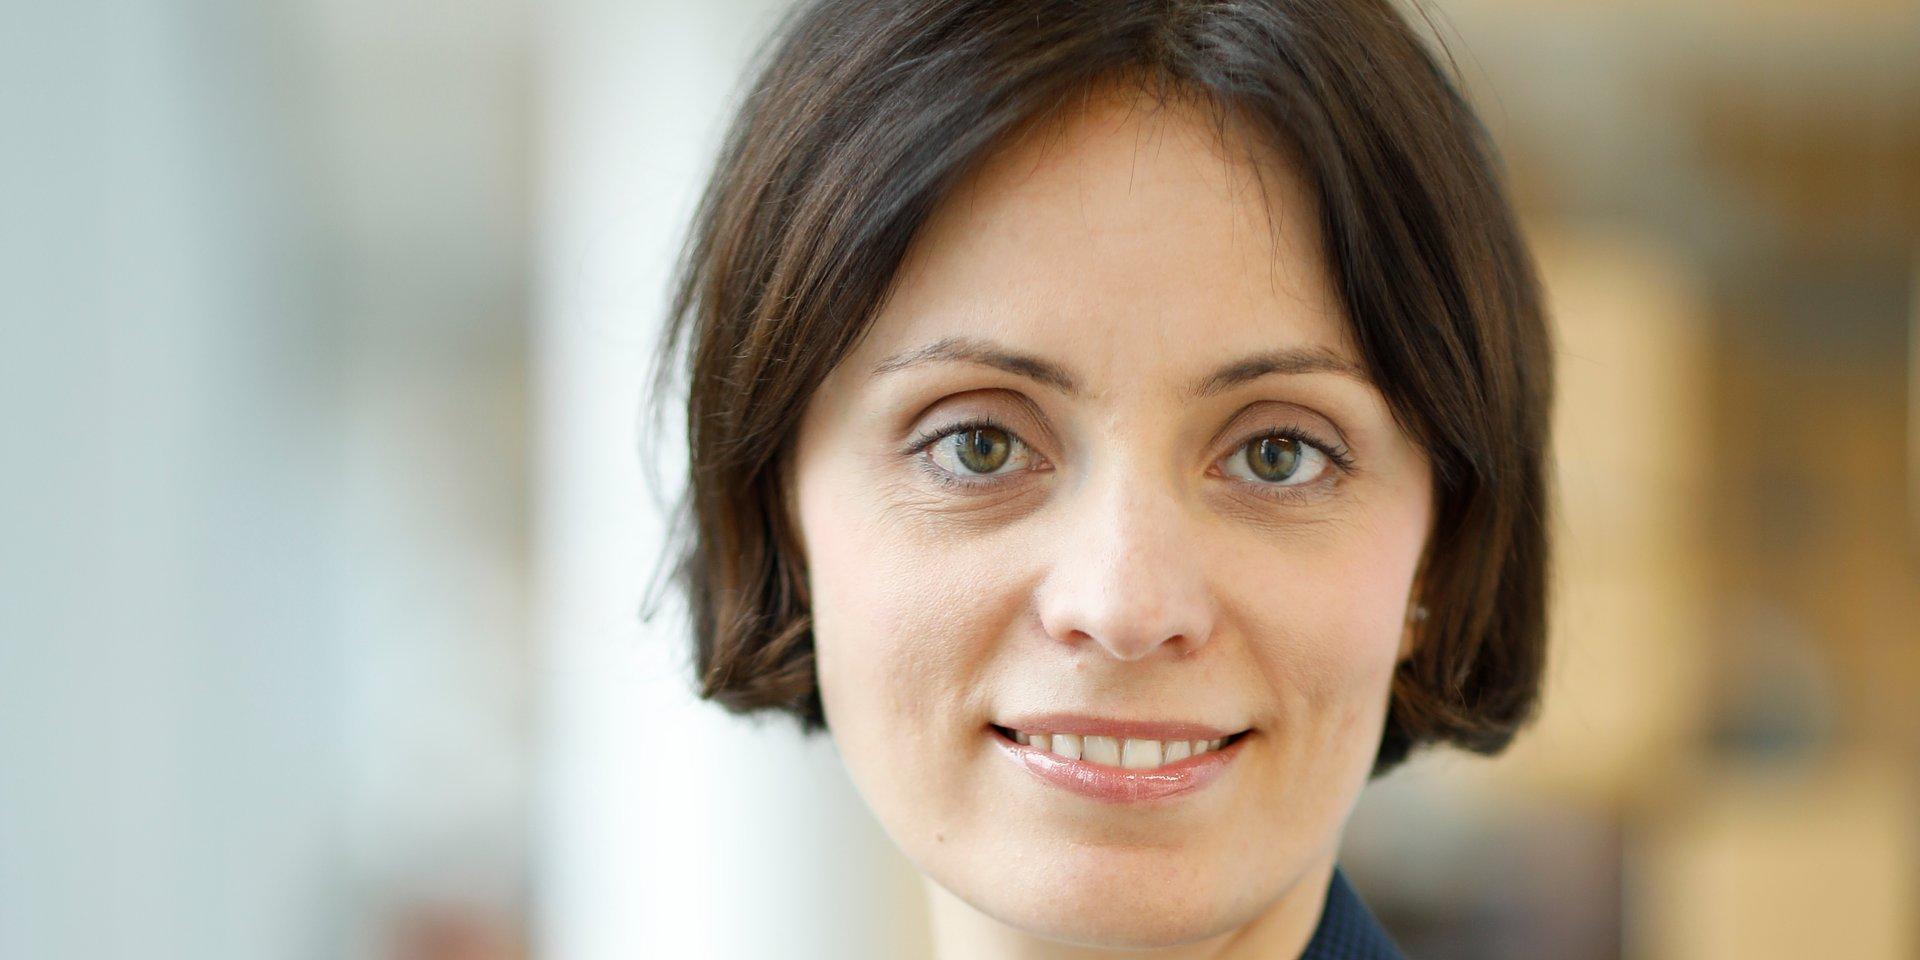 Dorota Pacławska objęła stanowisko Dyrektora ds. Finansowych na Europę Środkowo-Wschodnią